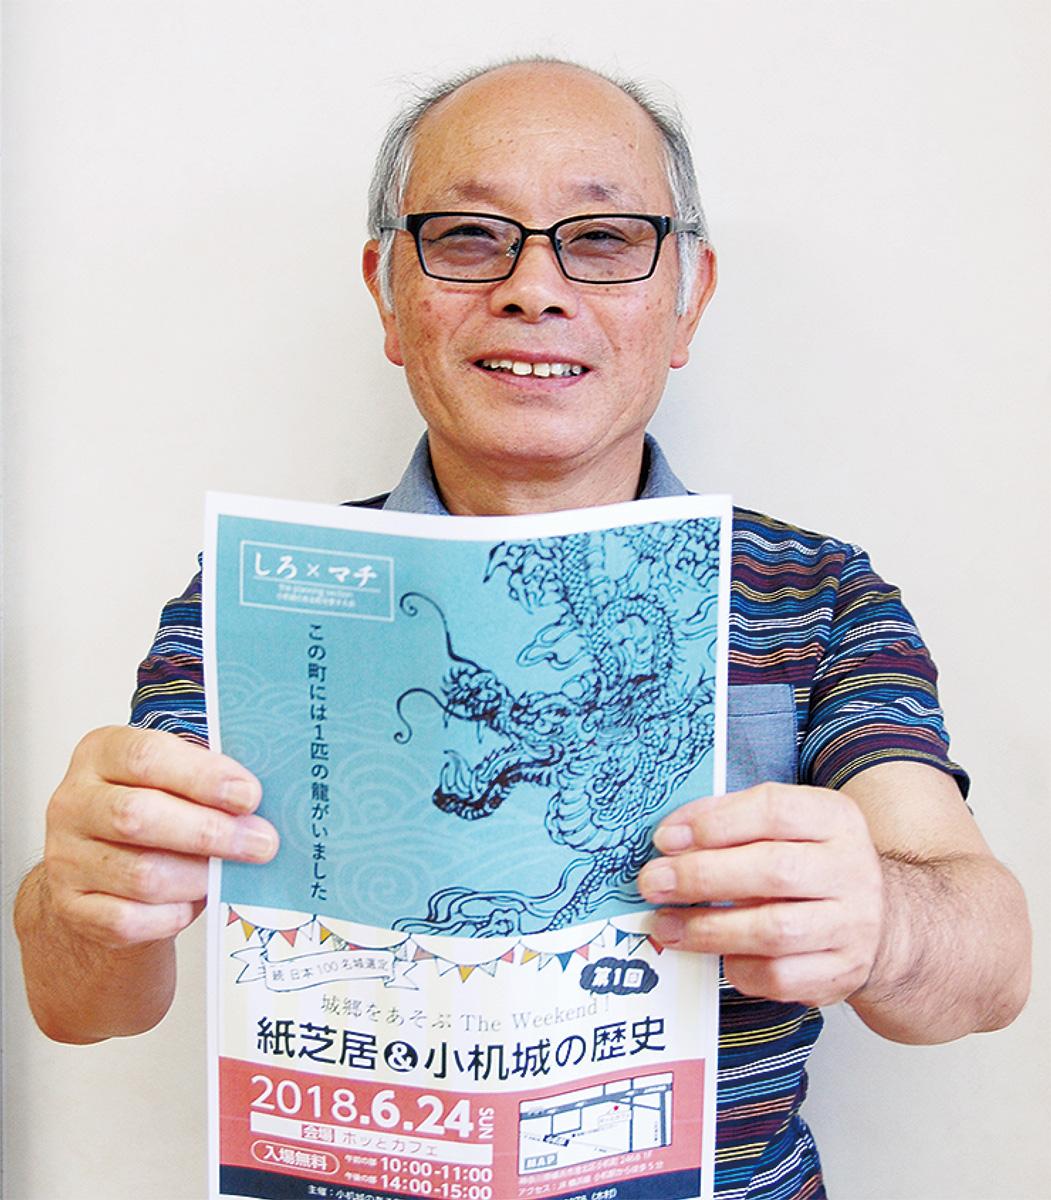 チラシを手に「まちの魅力を多くの人へ」と呼びかける木村会長